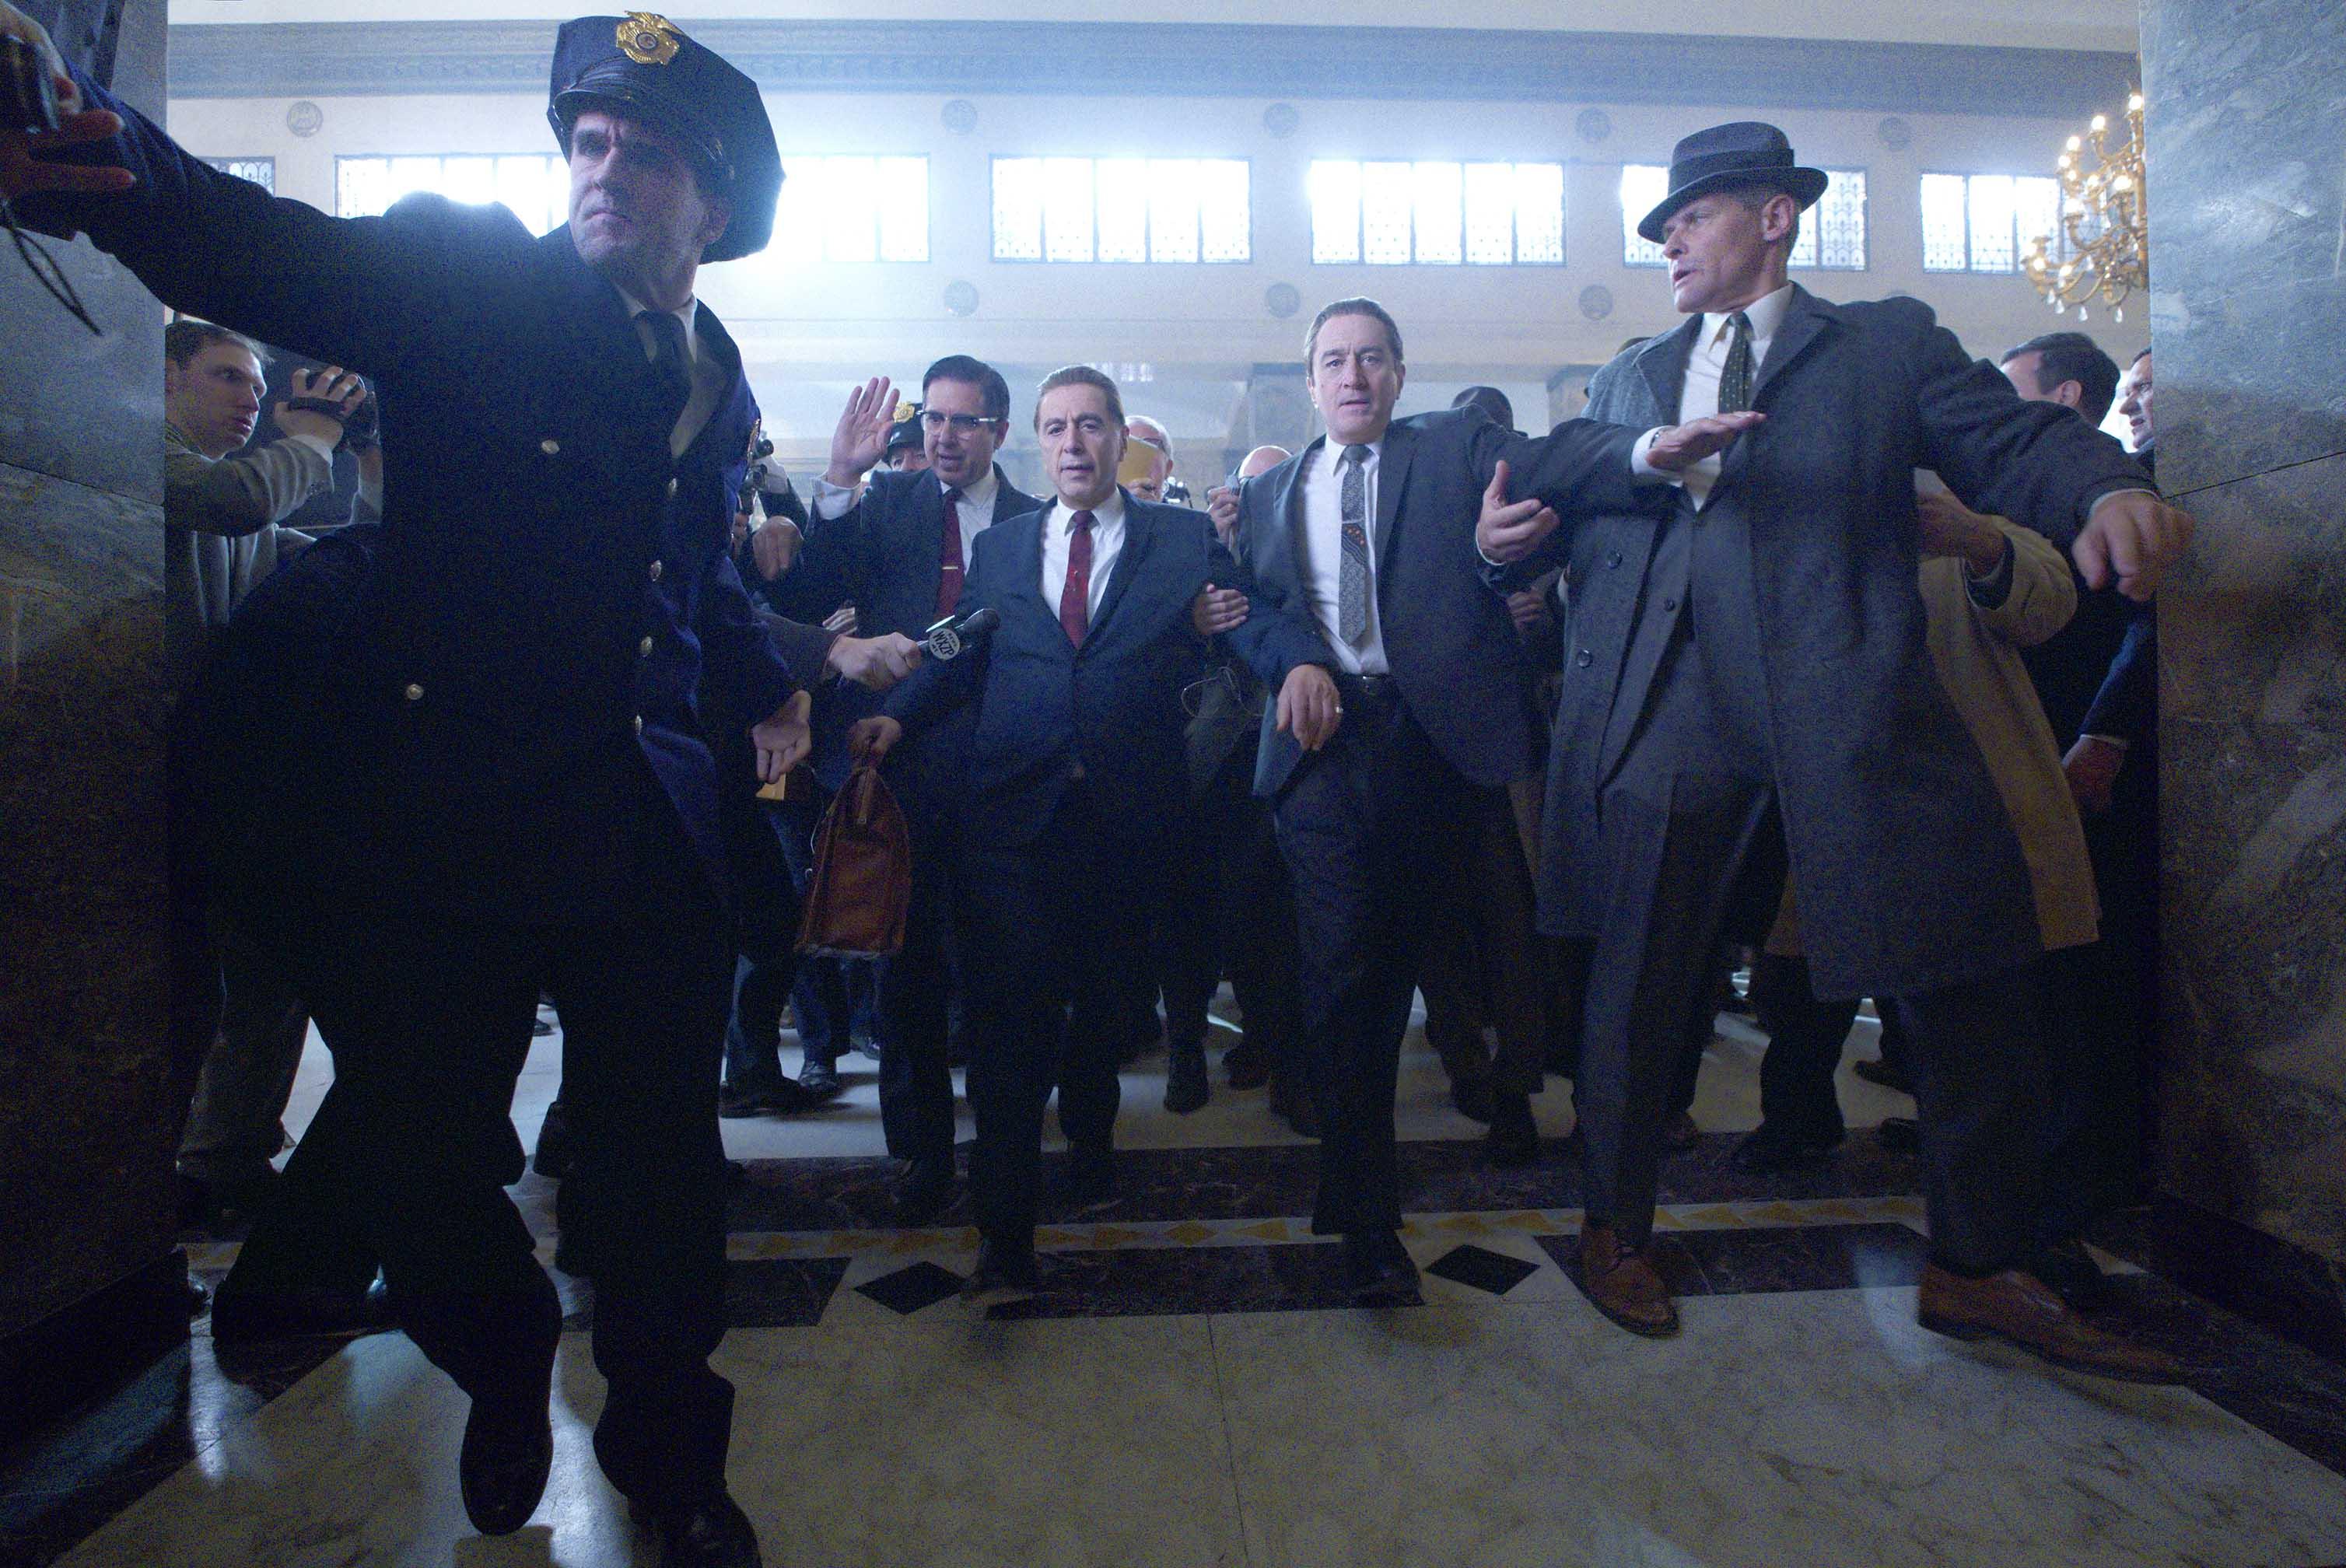 El irlandés: sindicalismo y crimen organizado, la última genialidad de Martin Scorsese